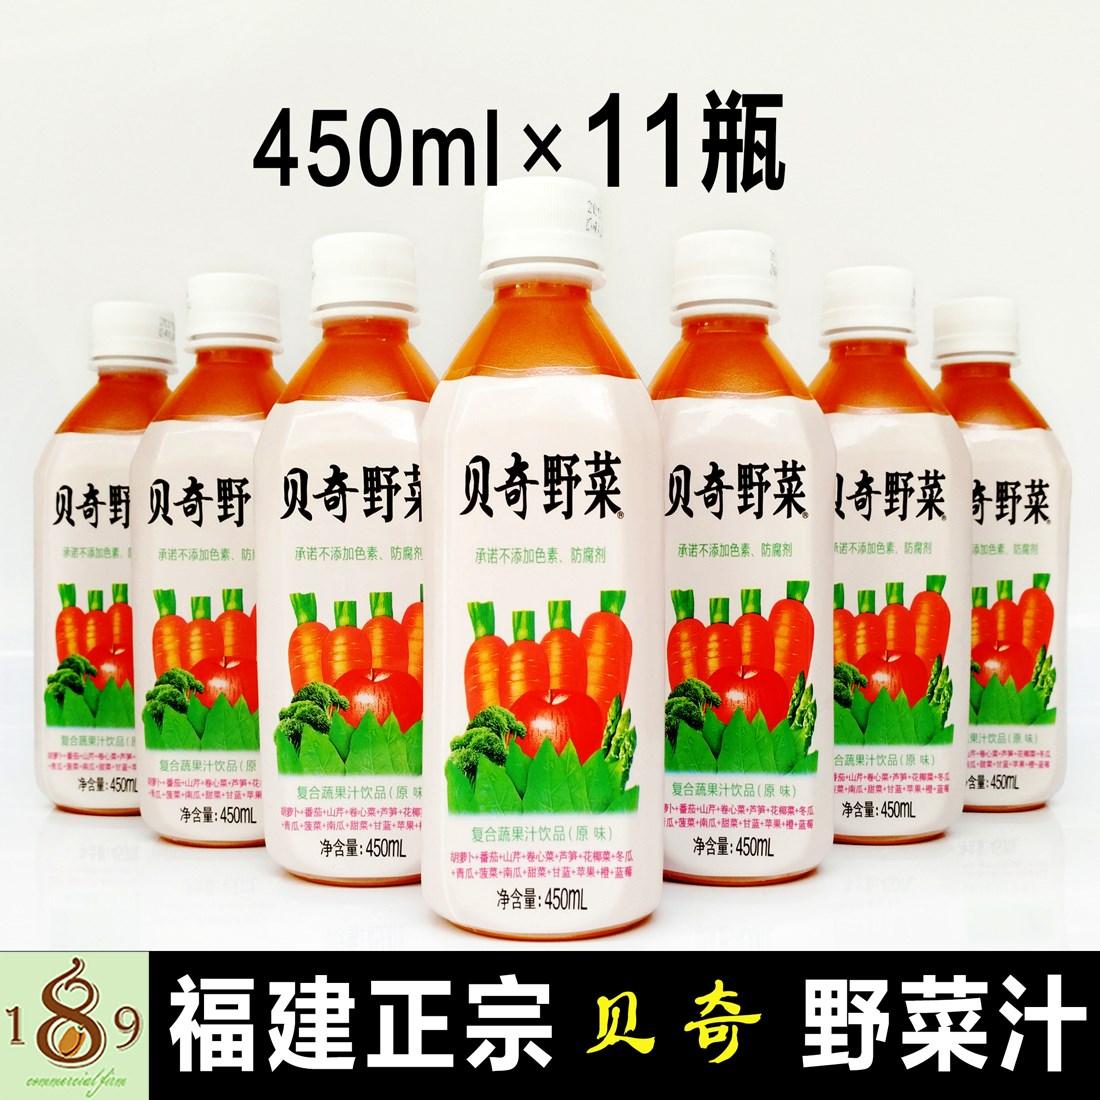 包邮福建贝奇野菜汁450ml*11瓶浓缩蔬果汁味饮料品代餐轻断食整.